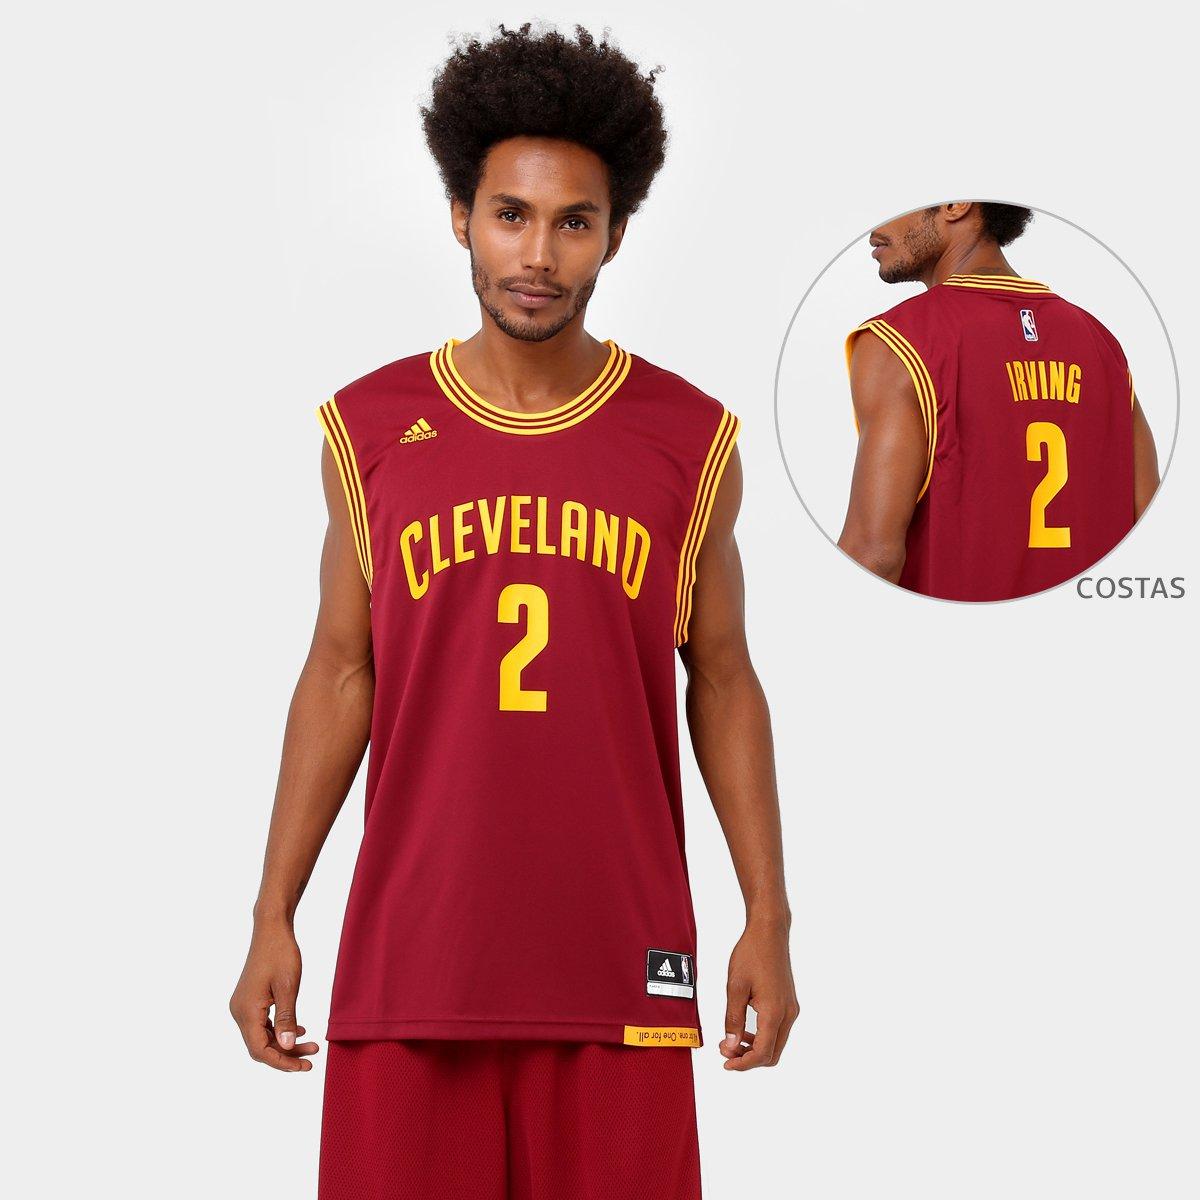 7600b813e Camiseta Regata Adidas NBA Cleveland Cavaliers - Irving - Compre Agora